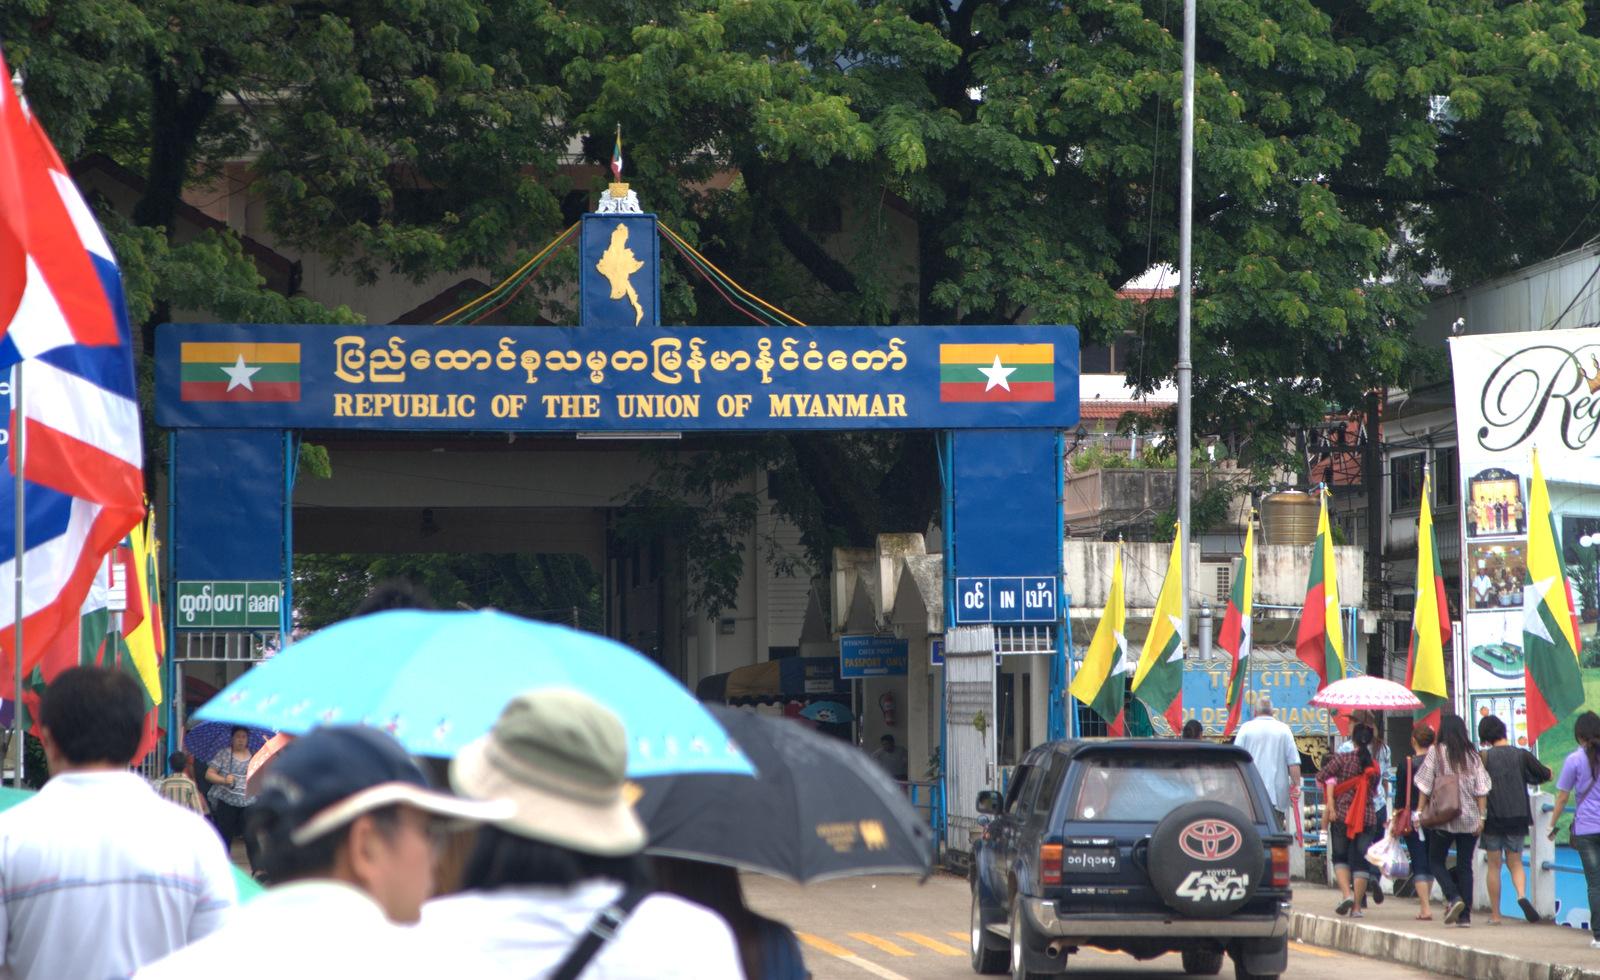 Zaliczyć Birmę, spróbować kasztanów i uciec przed powodzią 111